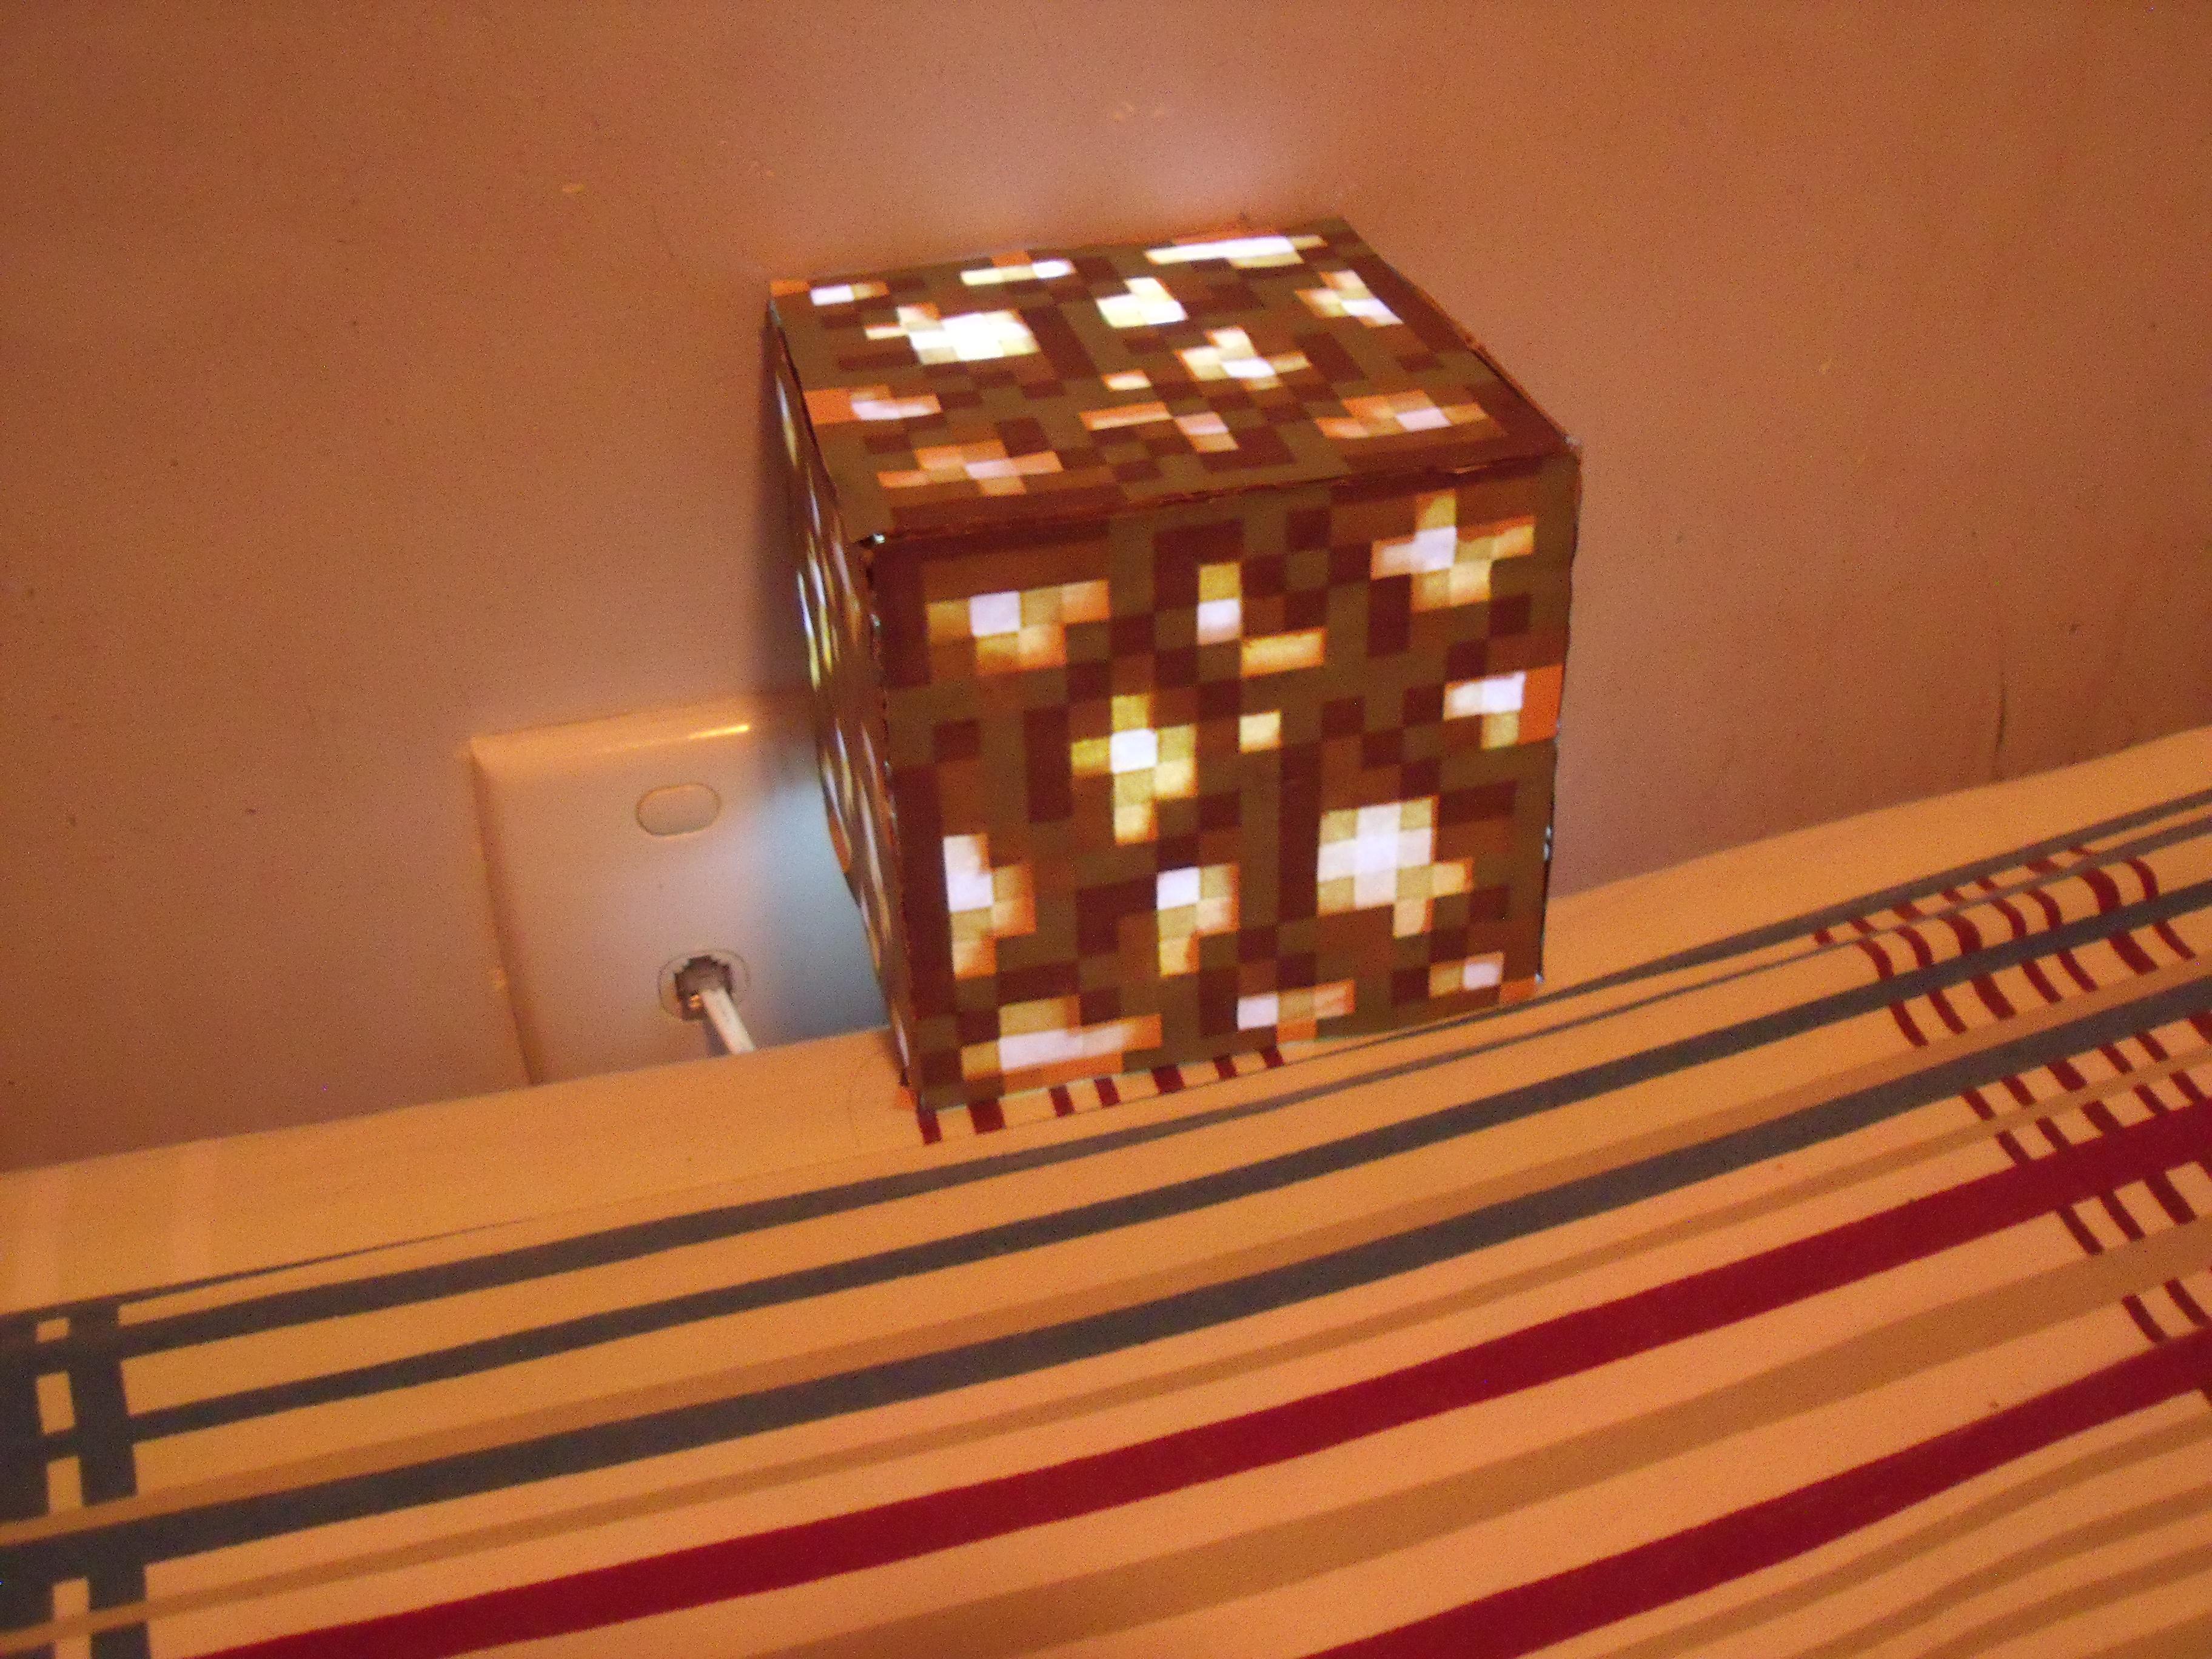 DIY glowstone lamp